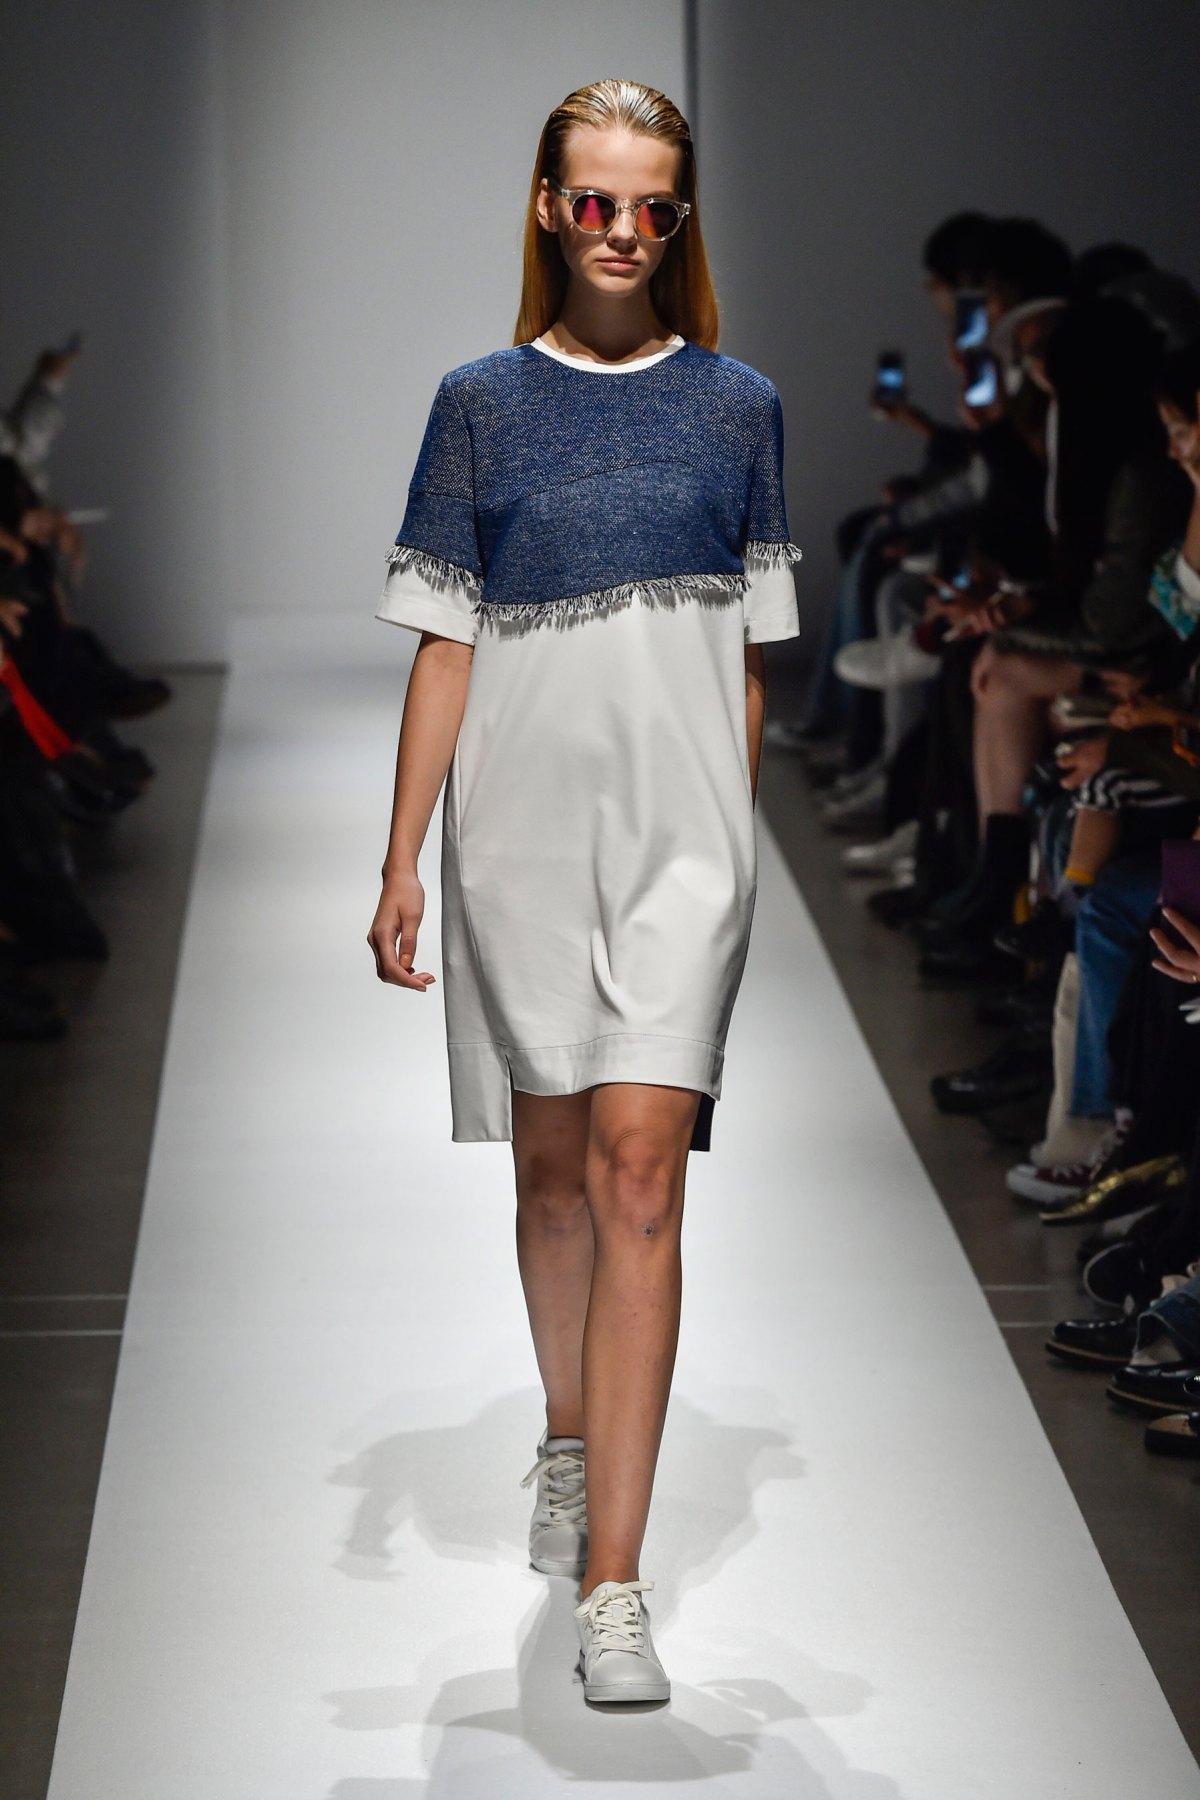 Fashion Hong Kong RS17 0051